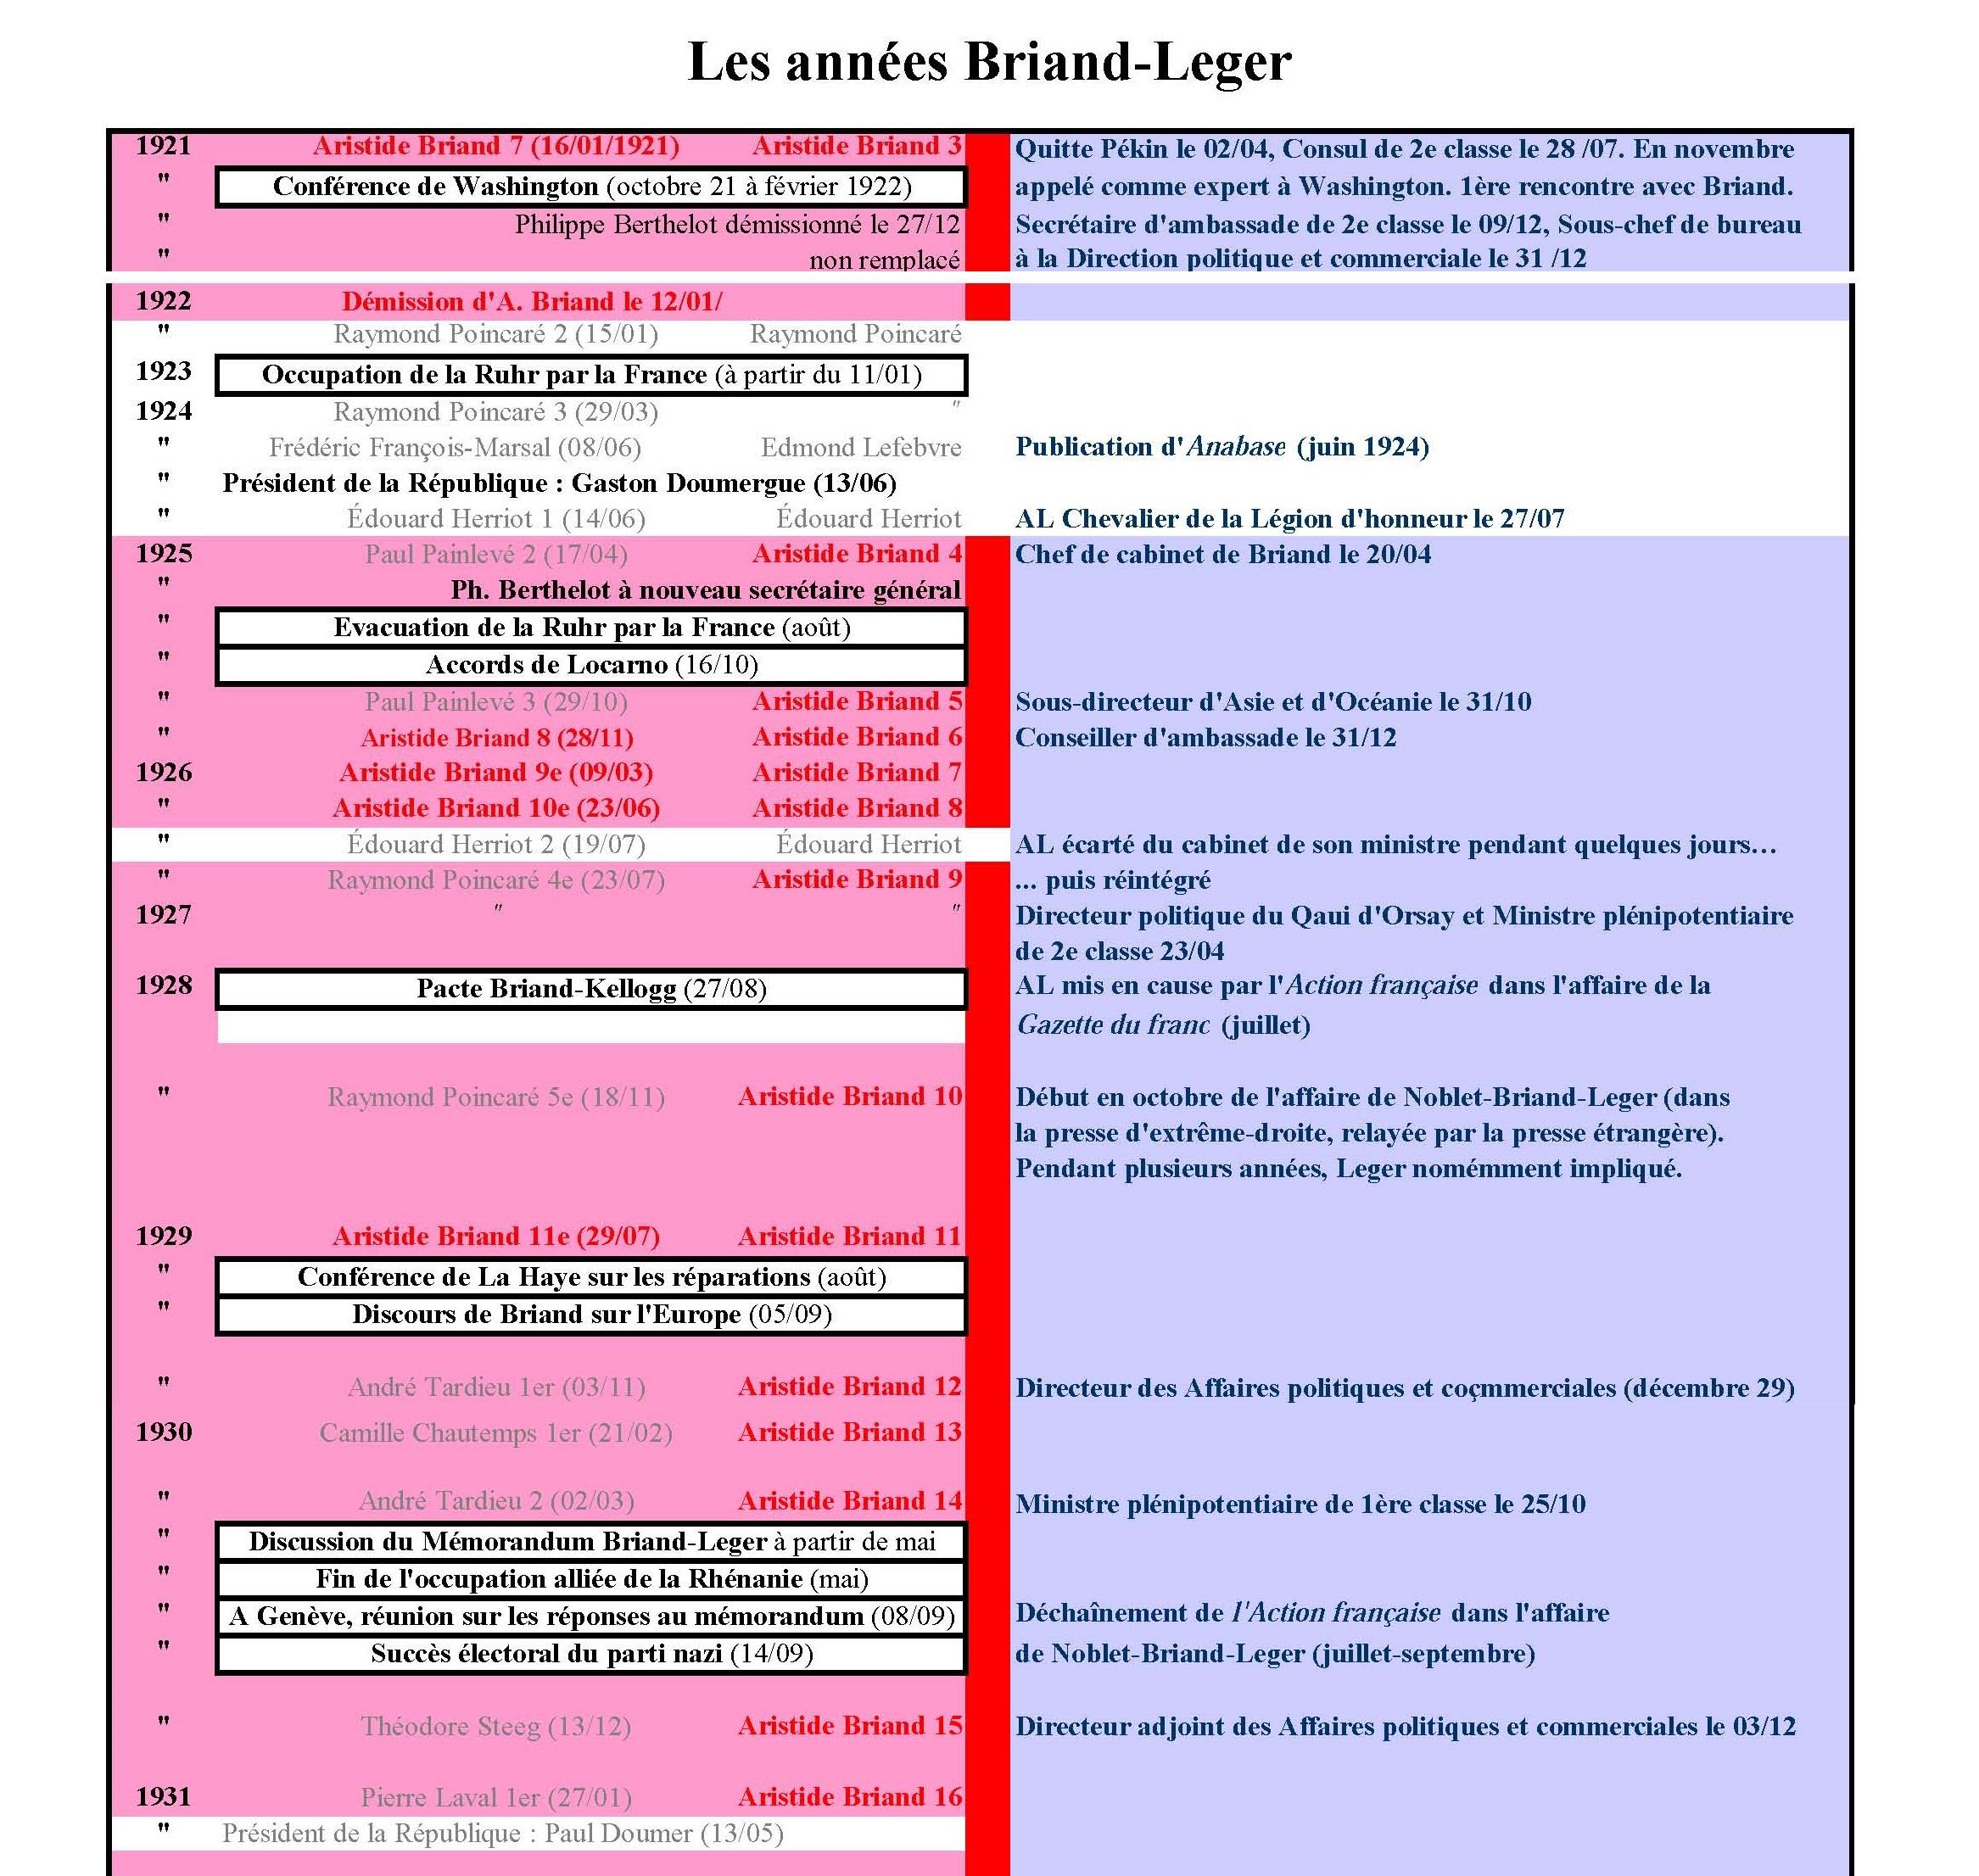 Les_Annees_Briand_Leger